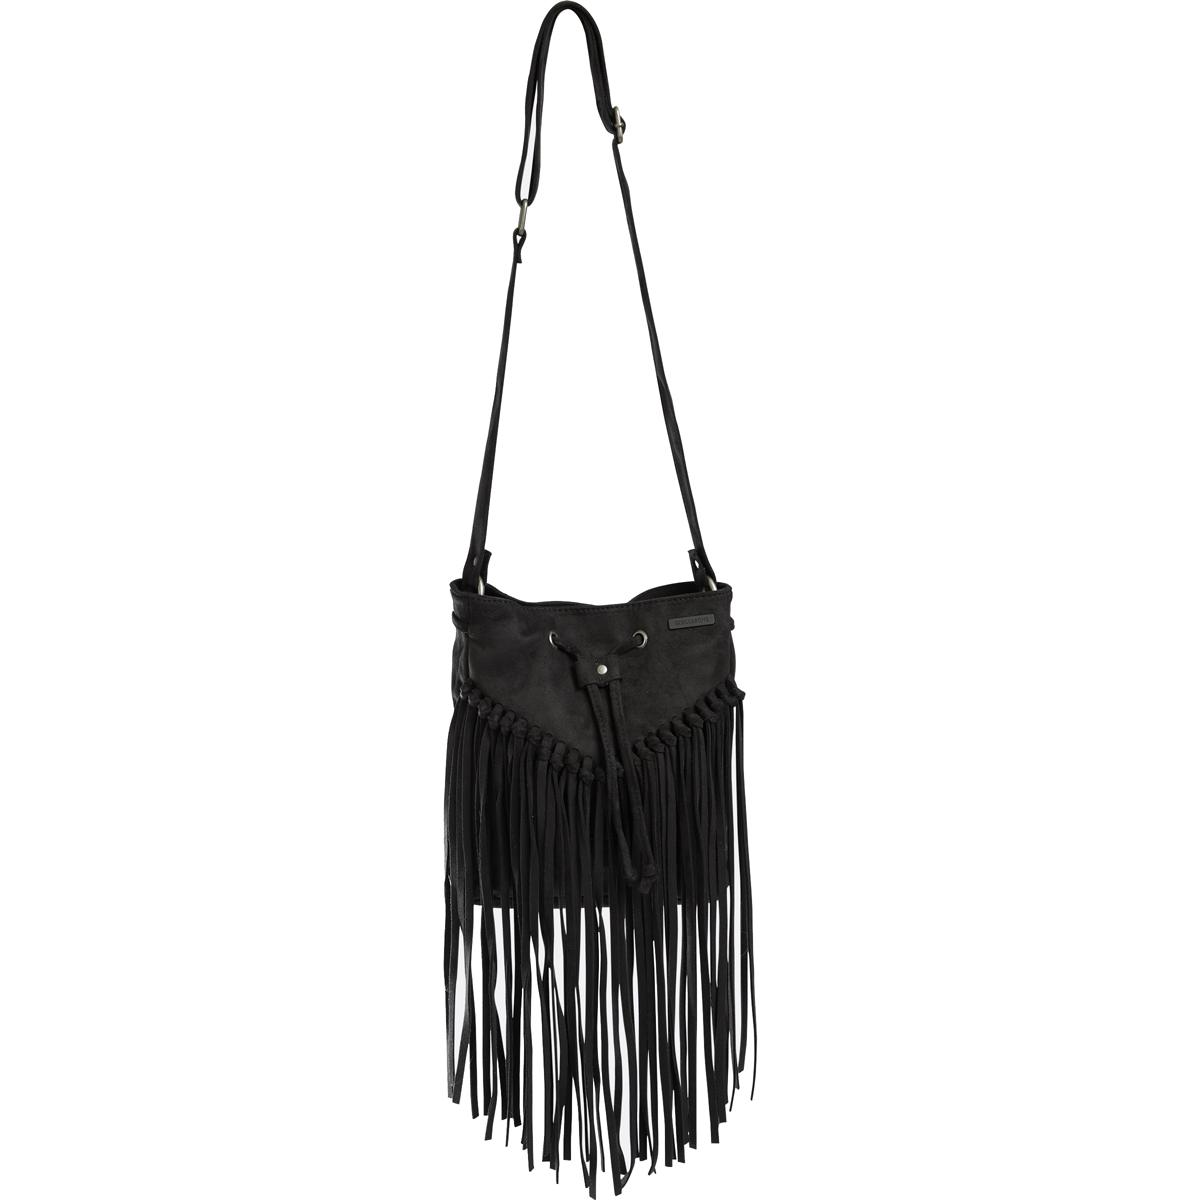 Сумка Billabong Addict, цвет: черный, 4 л. Z9BG05Z9BG05Классическая сумка через плечо, сделанная из прочного износостойкого хлопка. Одна из нескольких сумок из линейки Surfplus